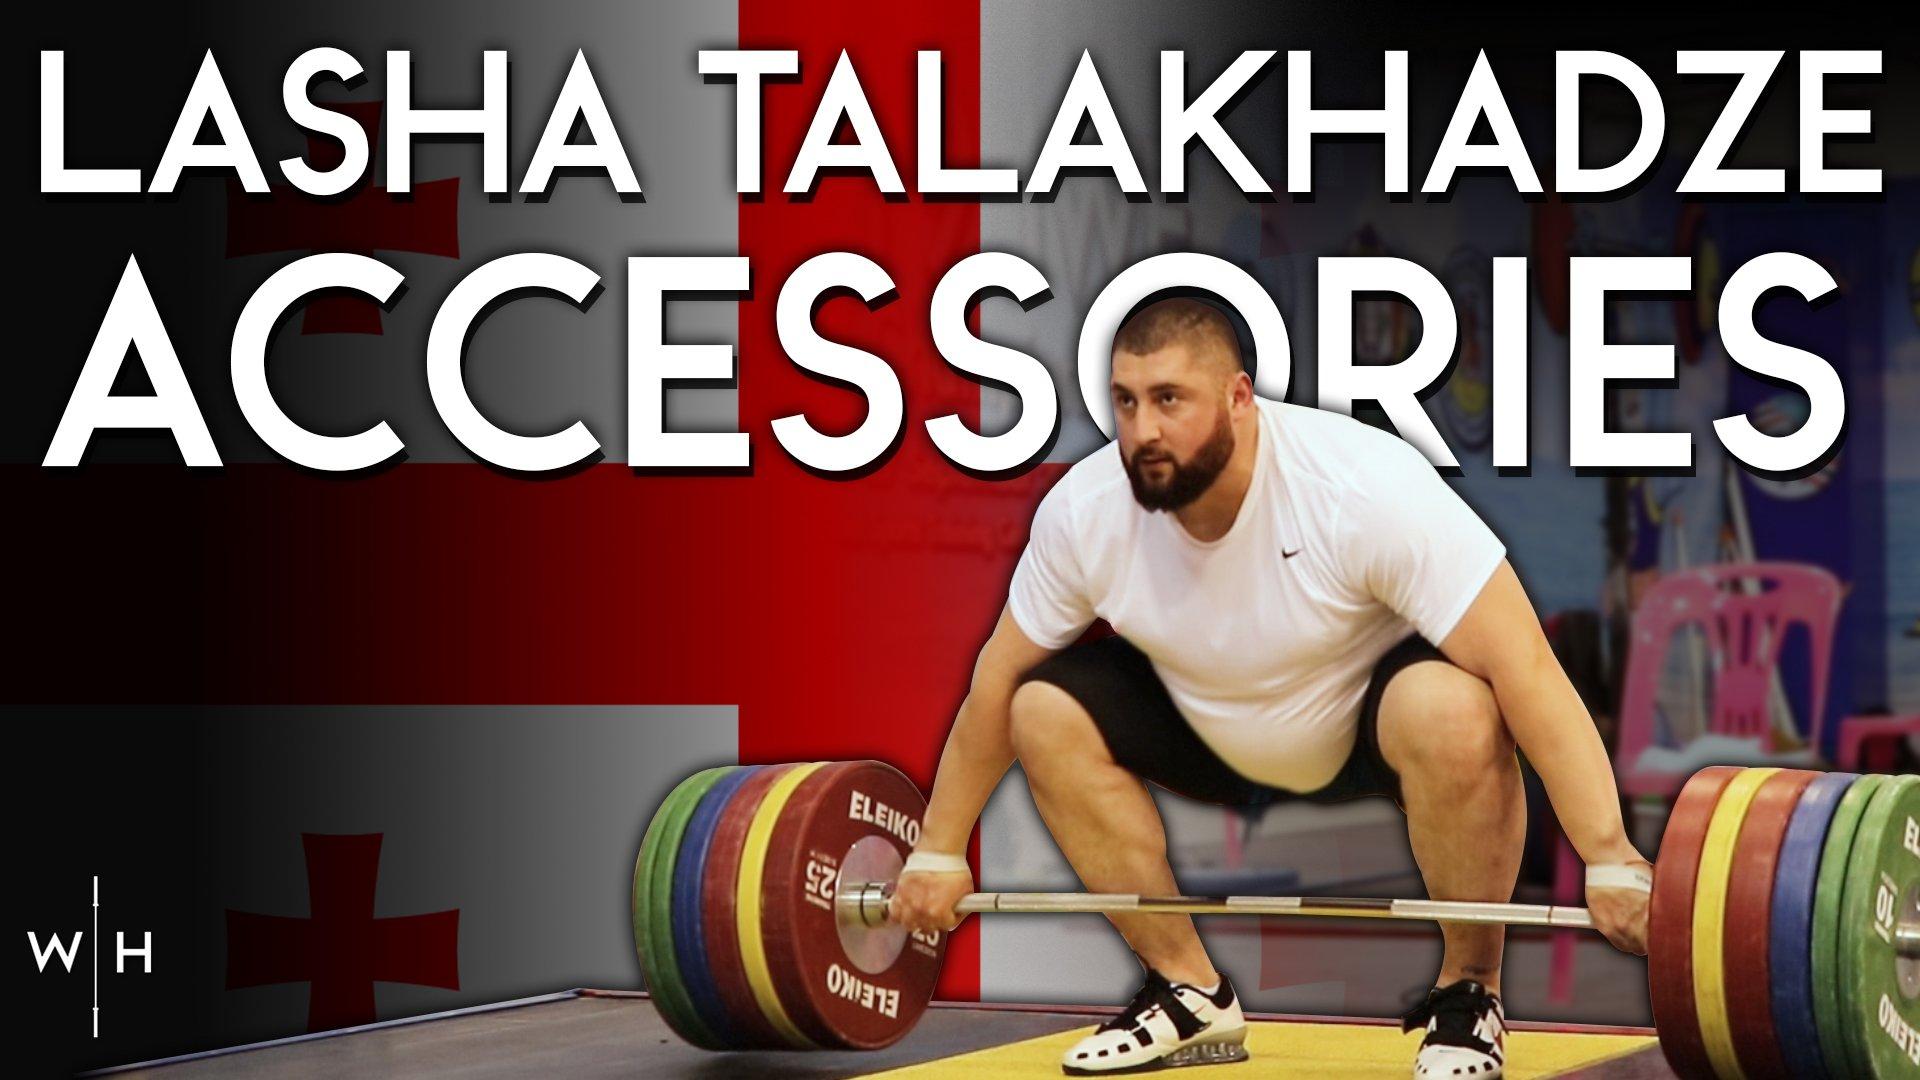 Lasha Talakhadze accessory training